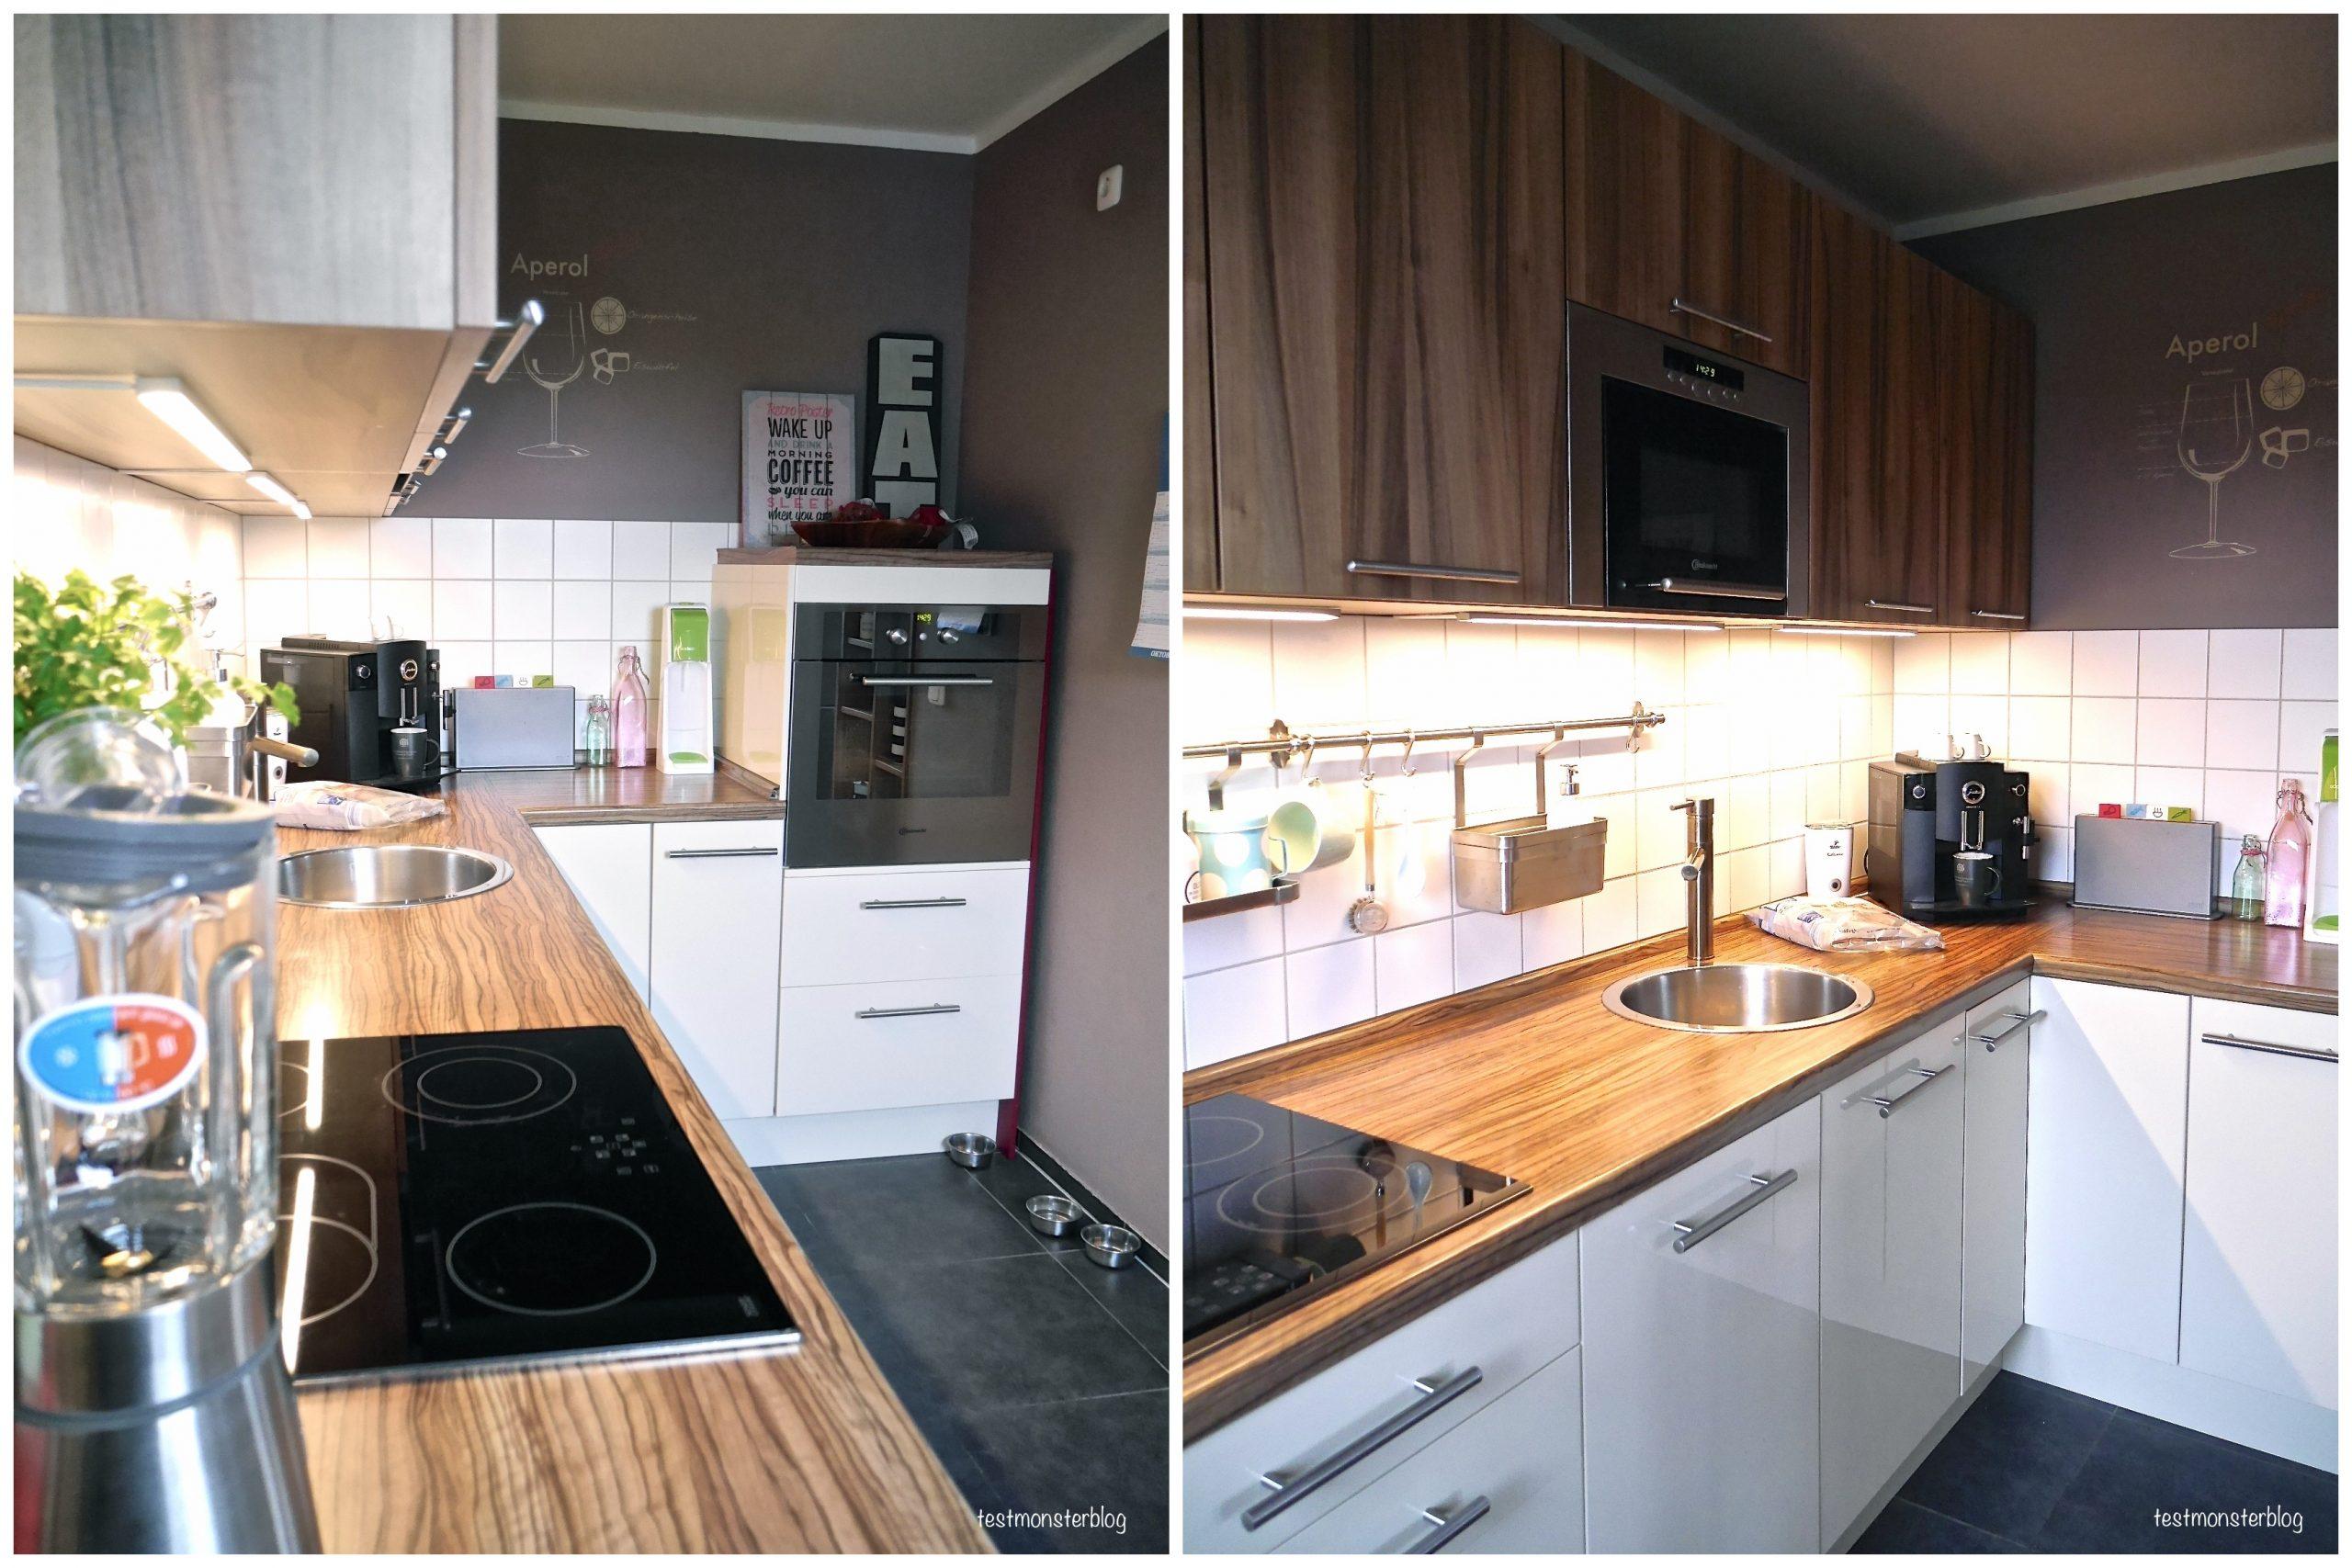 Full Size of Ikea Kche Metodplan Mich Bitte Selbst Küchen Regal Küche Kosten Kaufen Betten Bei 160x200 Miniküche Sofa Mit Schlaffunktion Modulküche Wohnzimmer Ikea Küchen